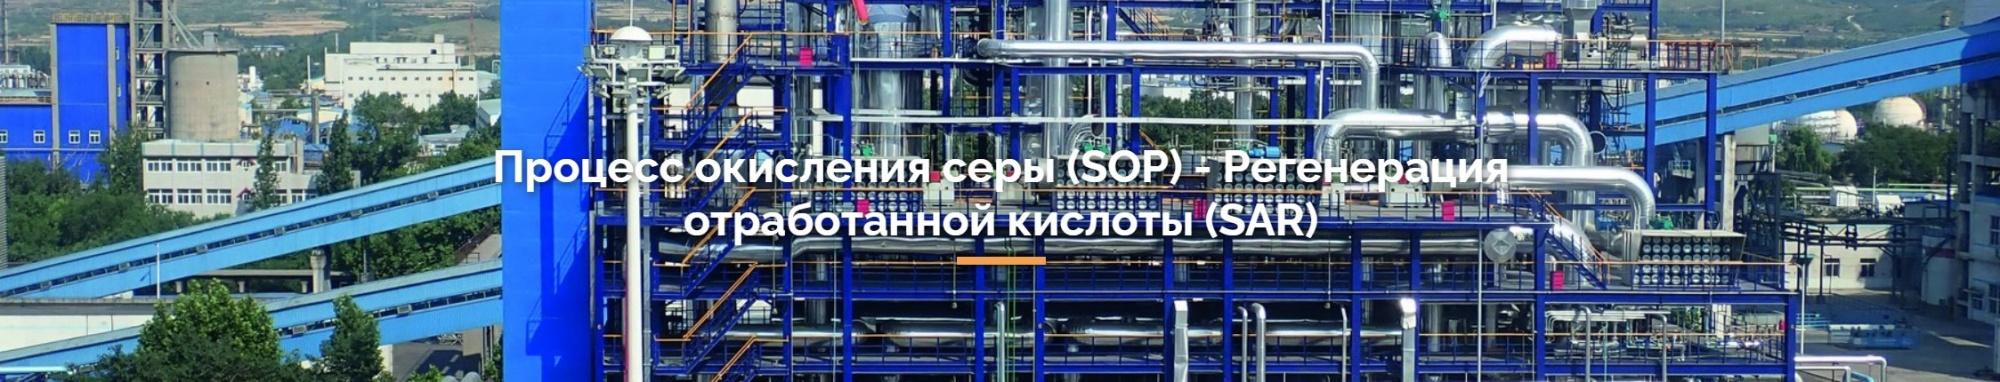 Процесс окисления серы (SOP).jpg